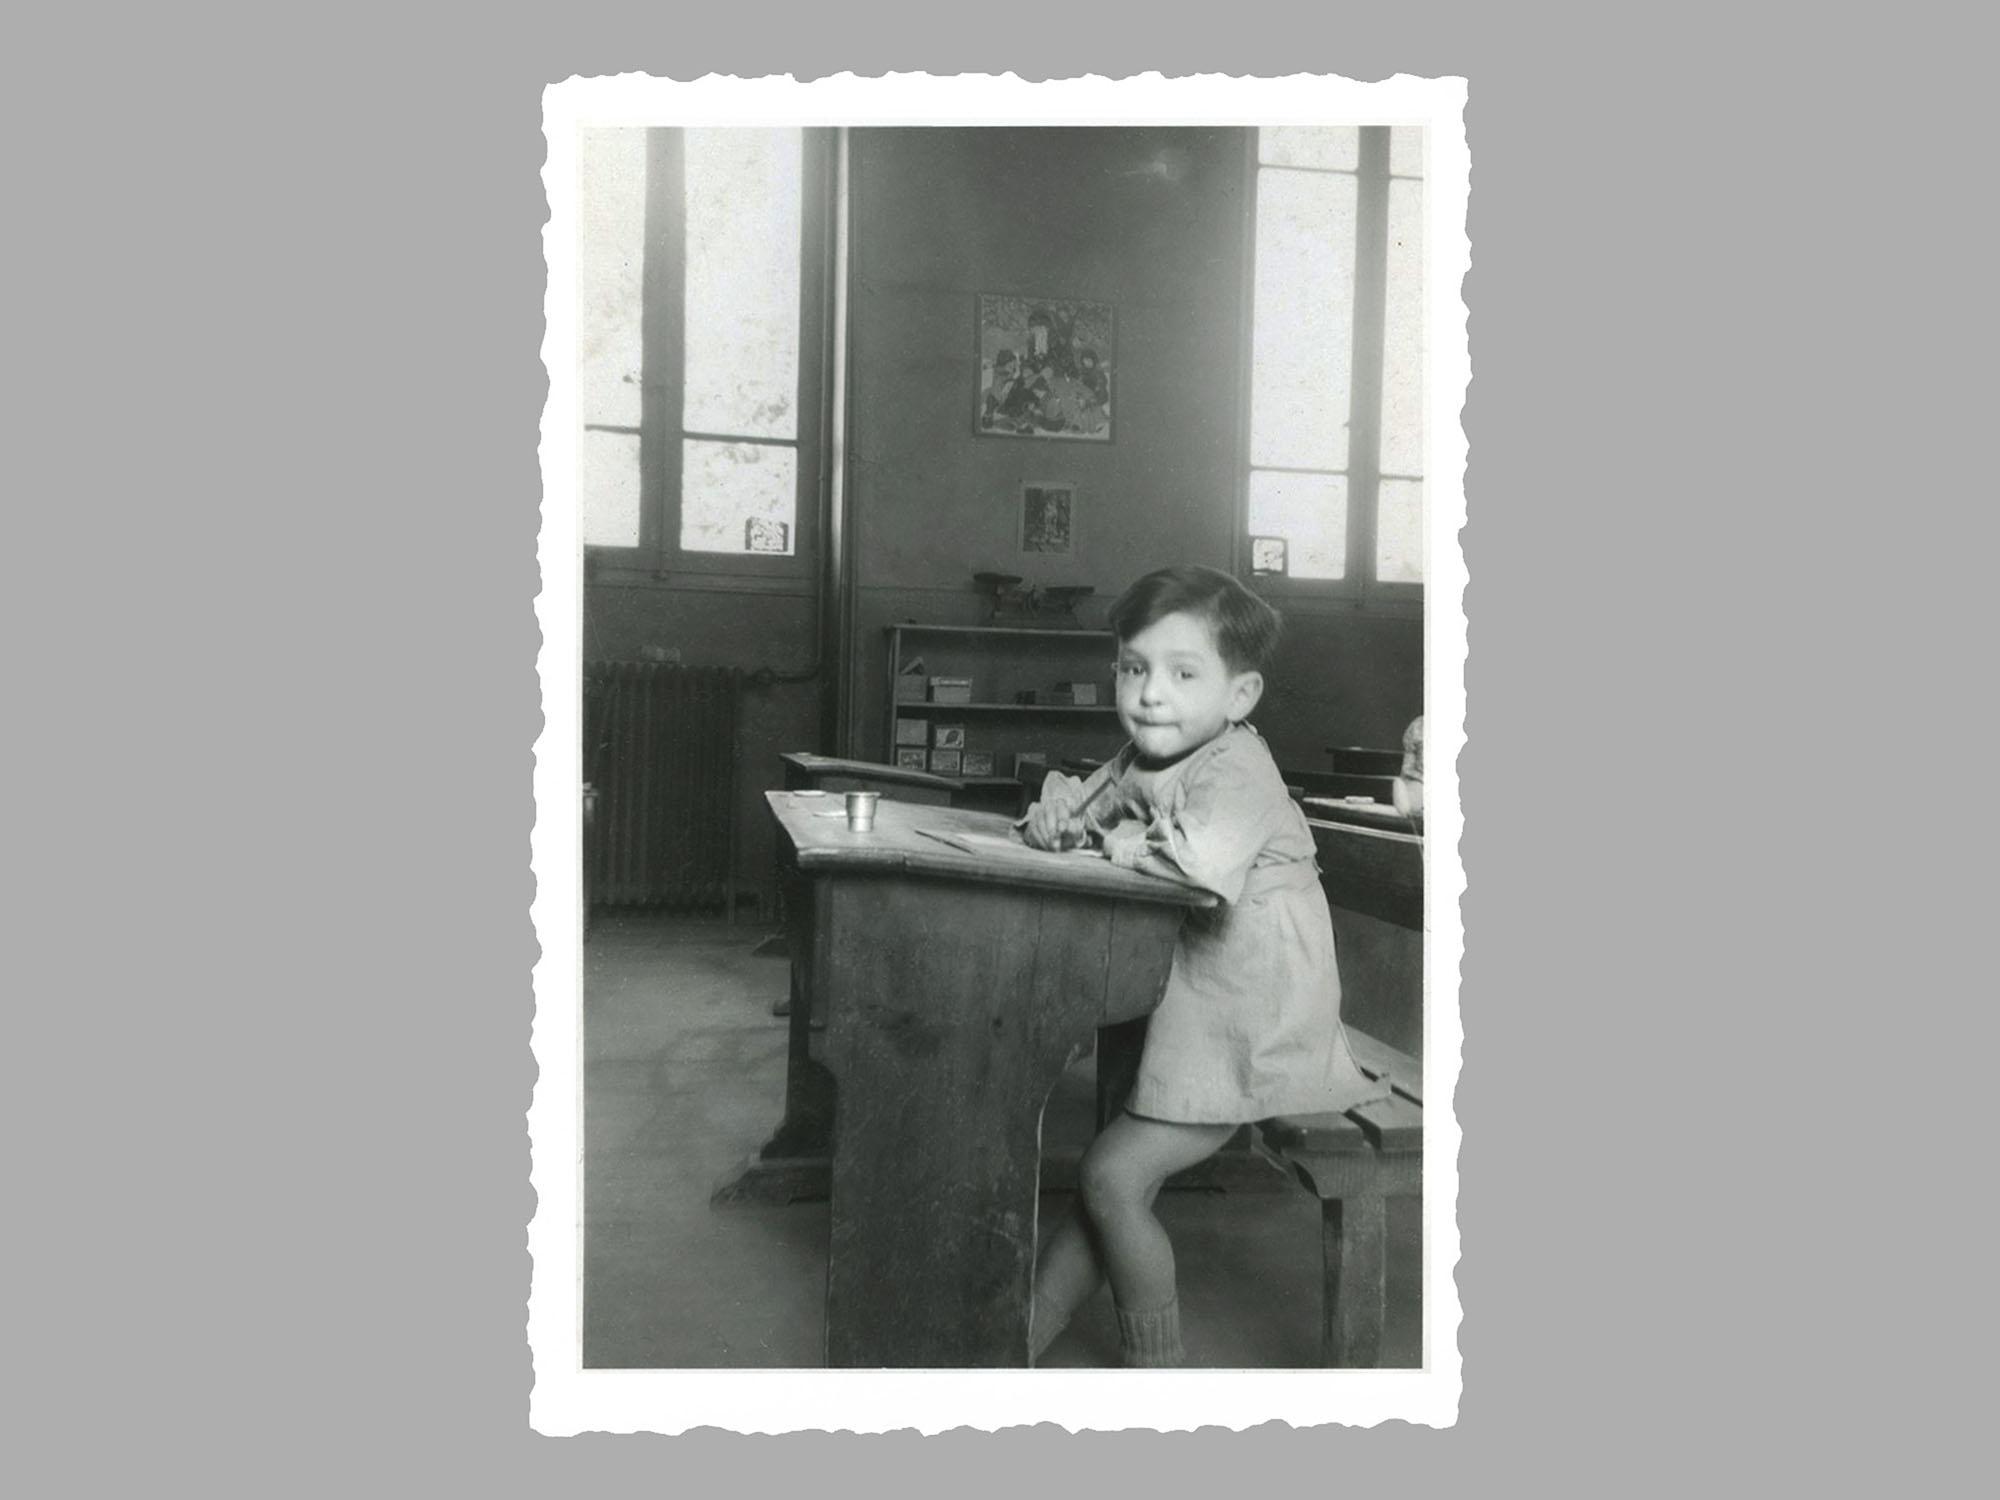 jlb-st-laurent-1948